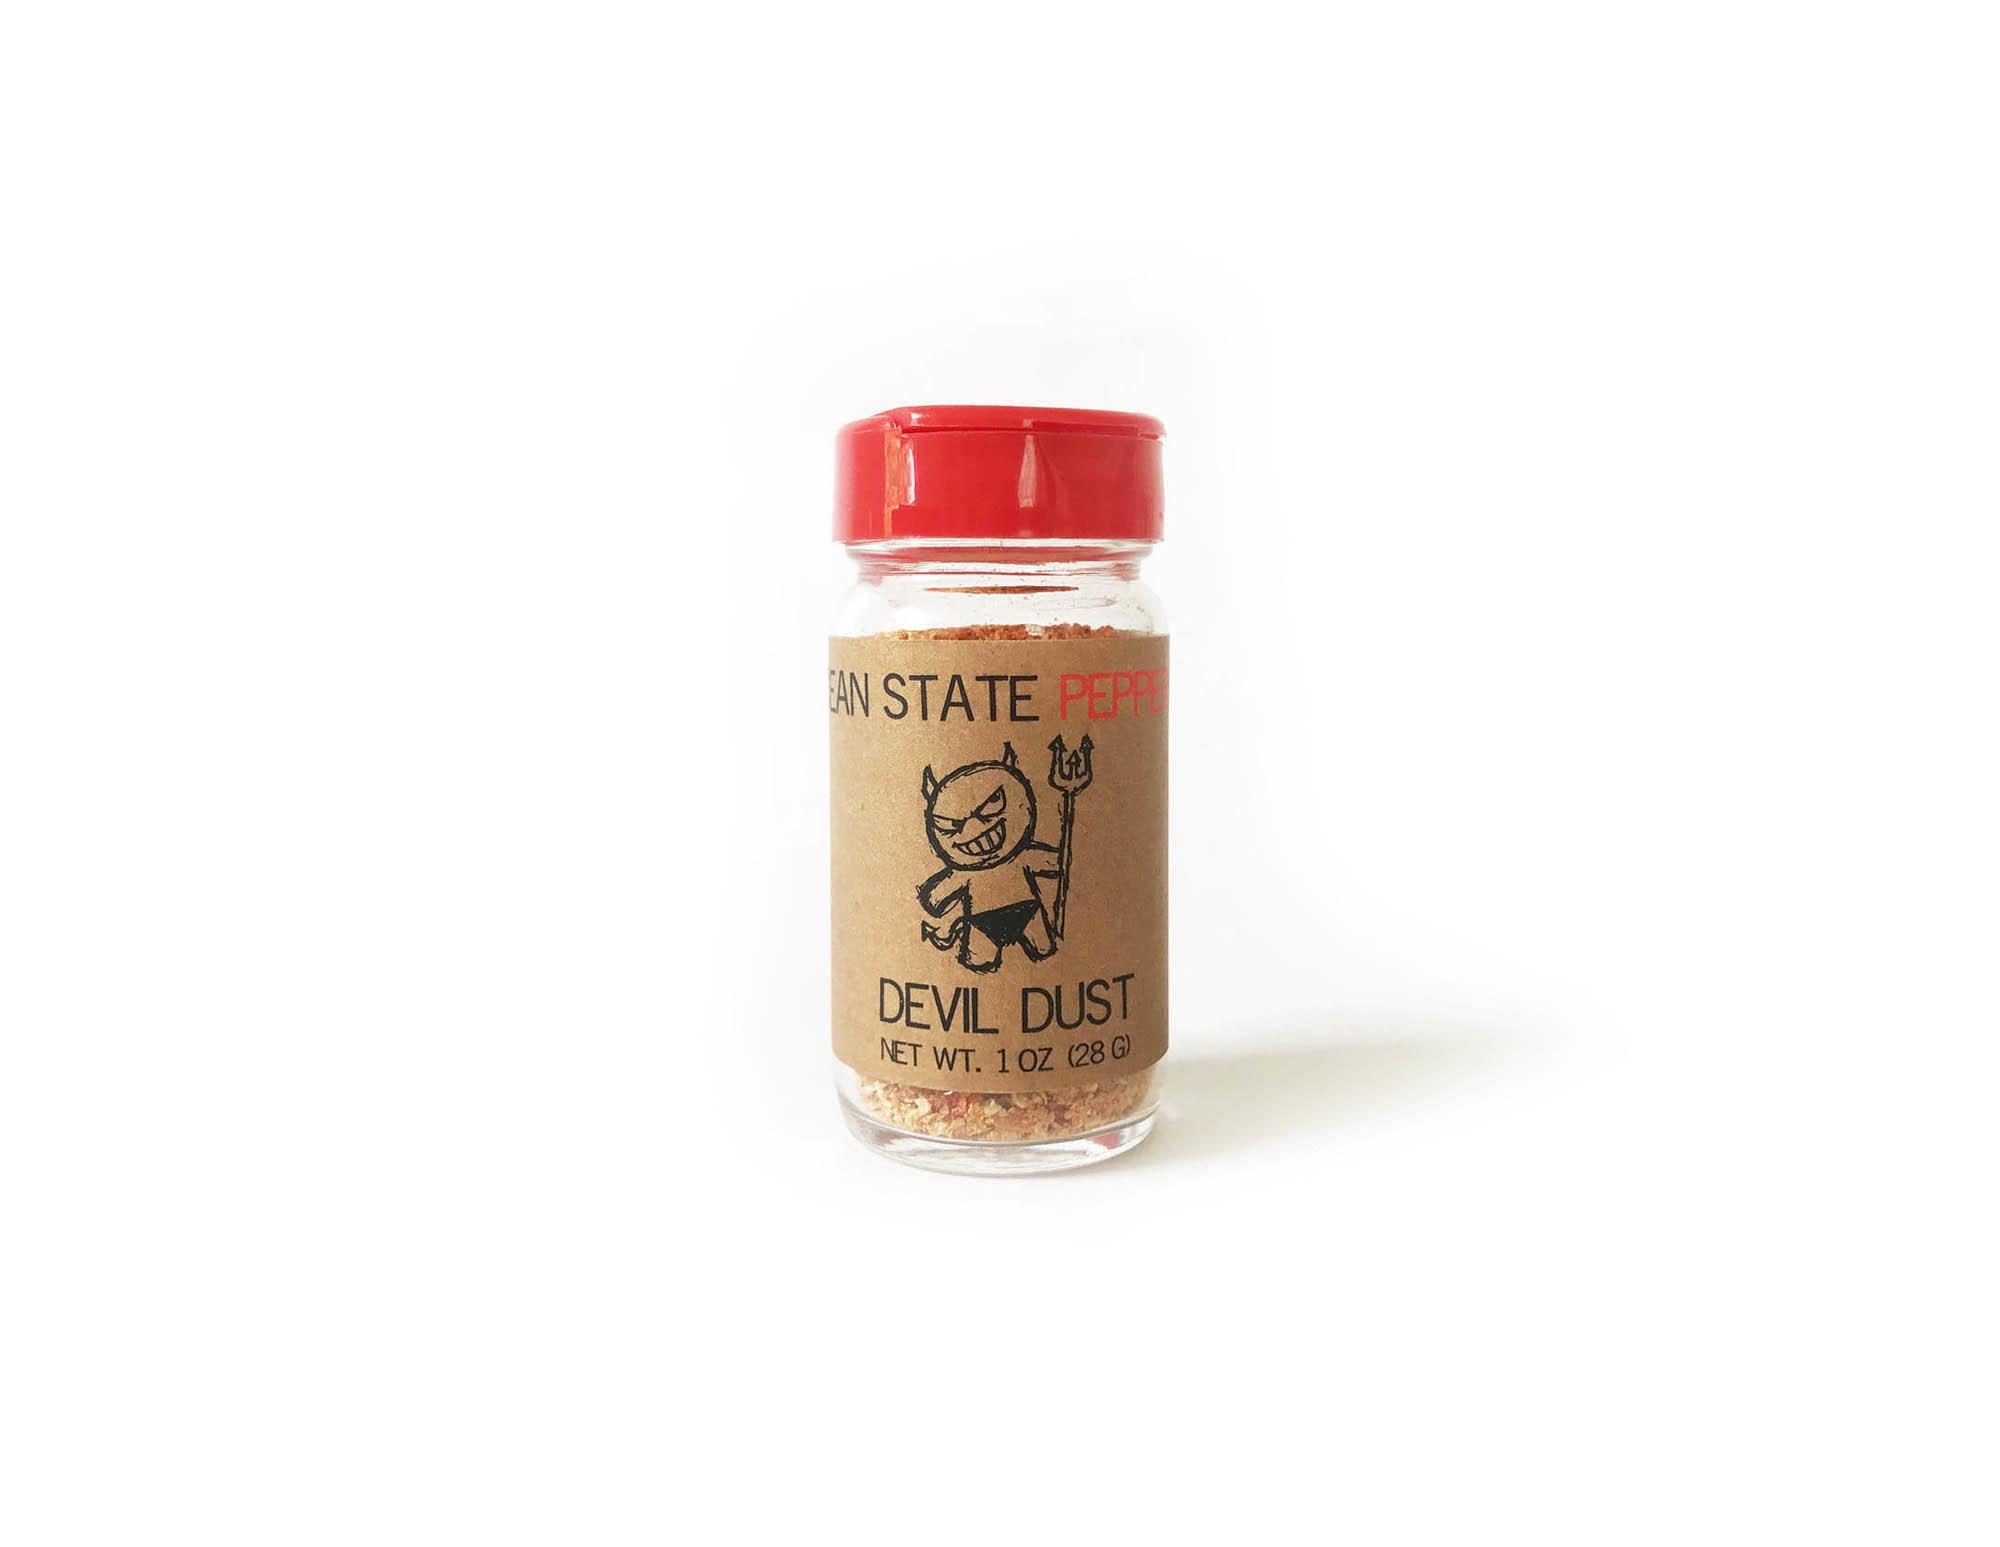 Ocean State Pepper Co. Devil Dust-1